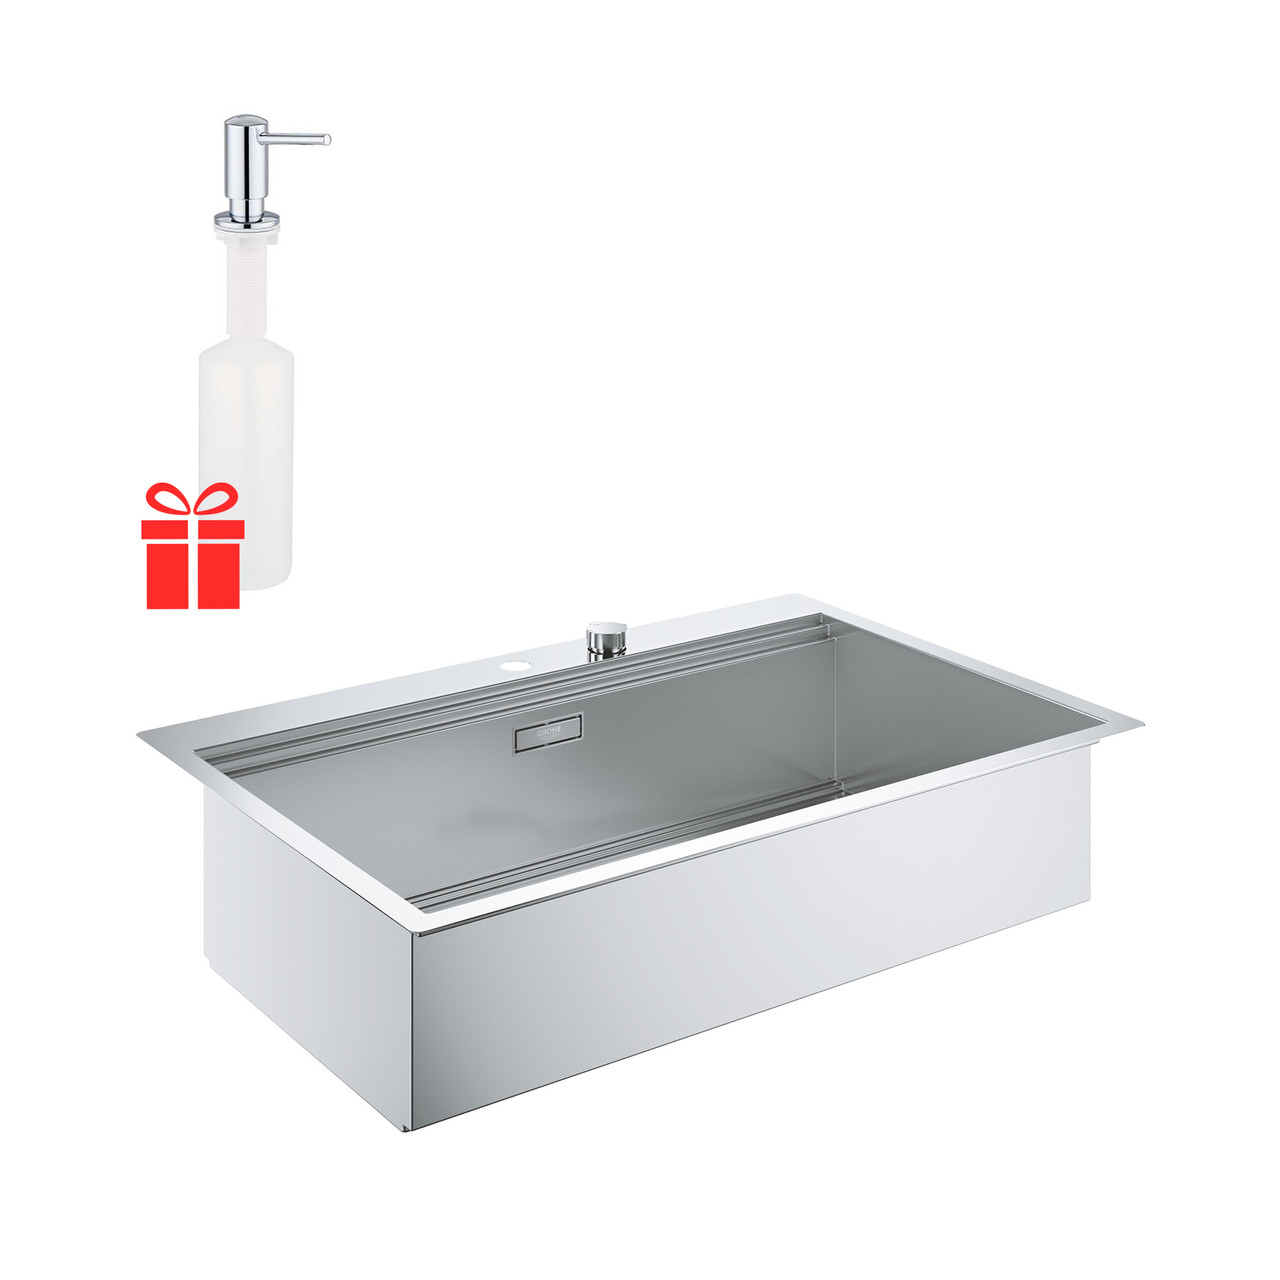 Набор Grohe мойка кухонная K200 31584SD0 + дозатор для моющего средства Contemporary 40536000